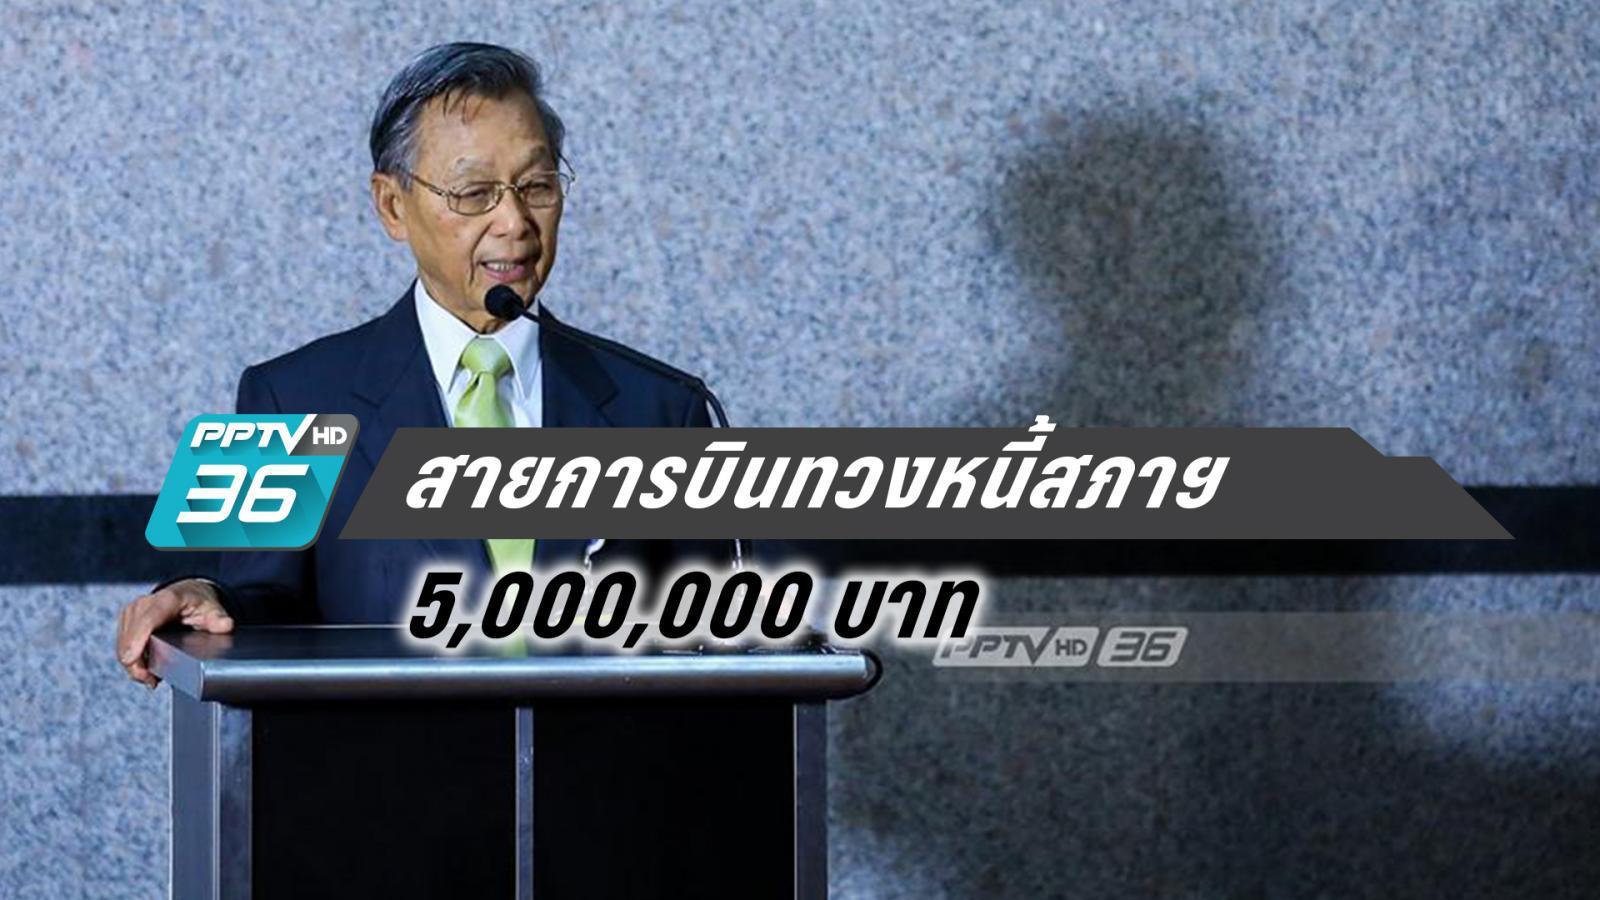 """""""ชวน"""" แฉสายการบินทวงหนี้สภา 5 ล้านบาท"""